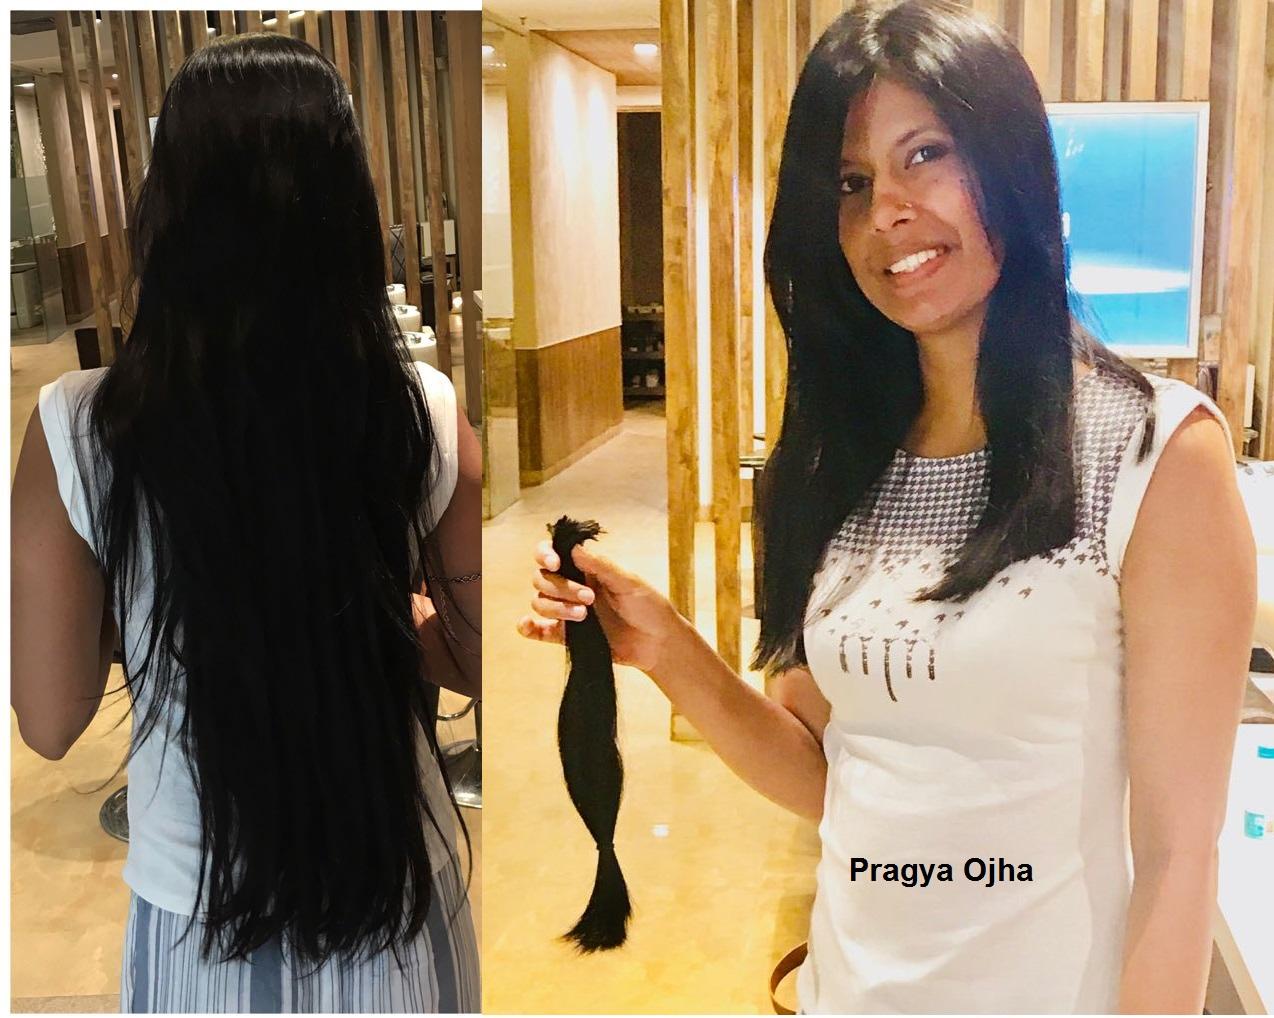 Pragya Ojha